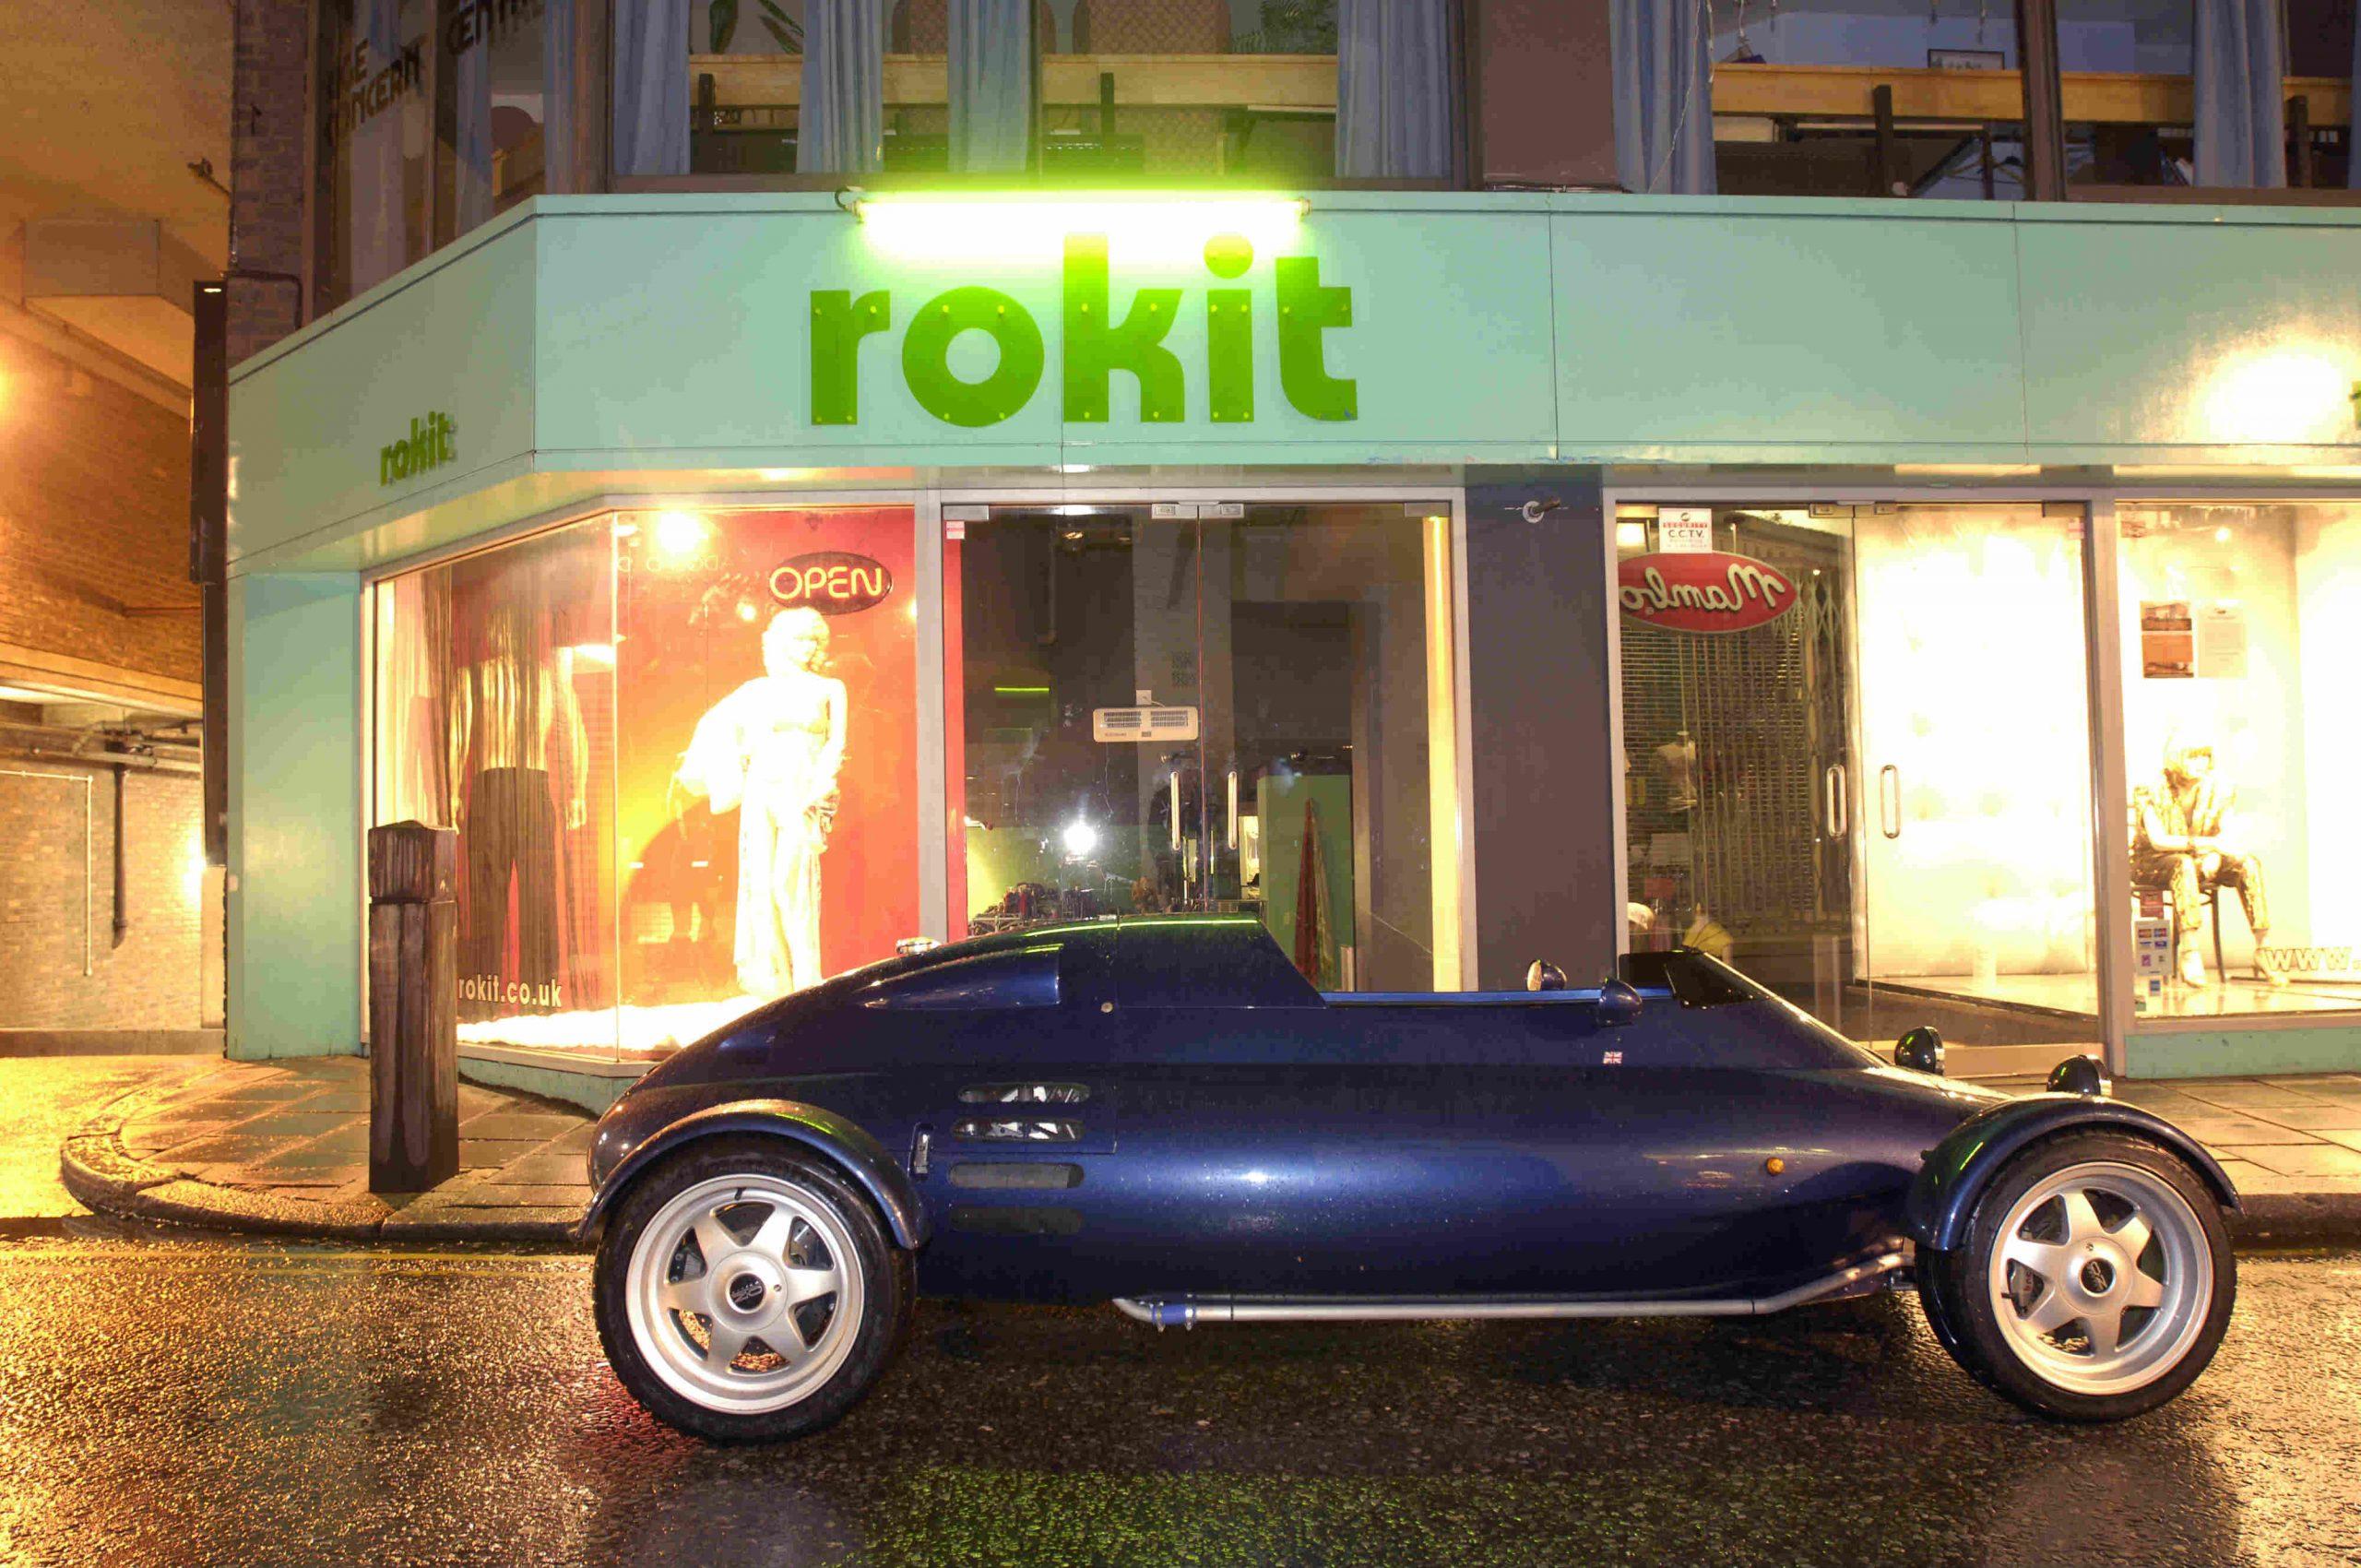 Rocket car side profile outside rokit store